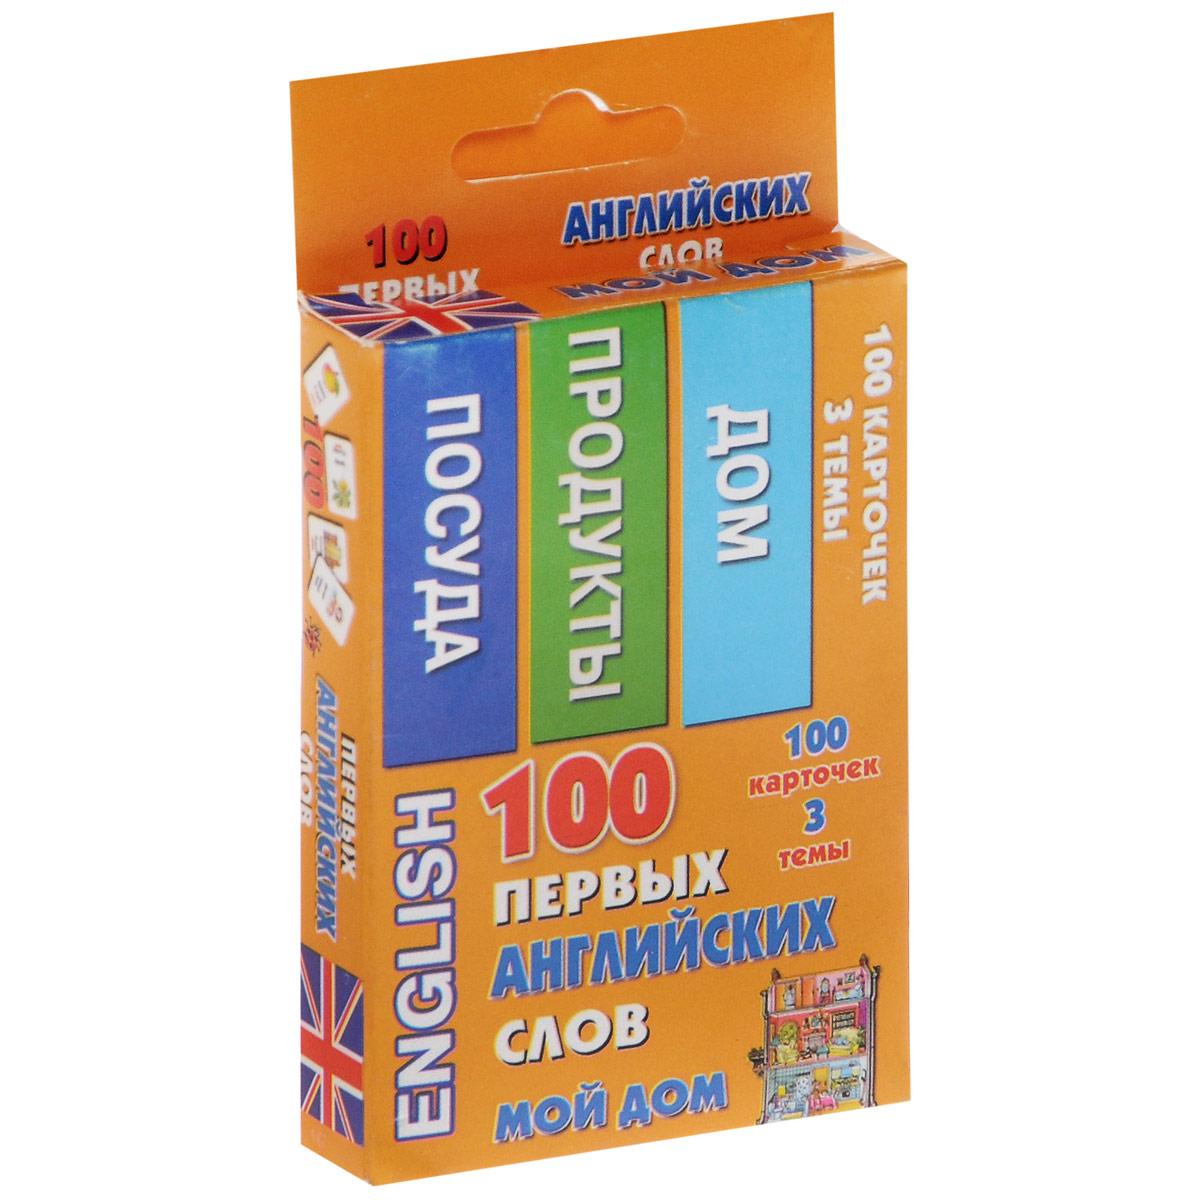 Фото - 100 первых английских слов. Мой дом (набор из 100 карточек) григорьева а и 100 первых английских слов природа набор карточек